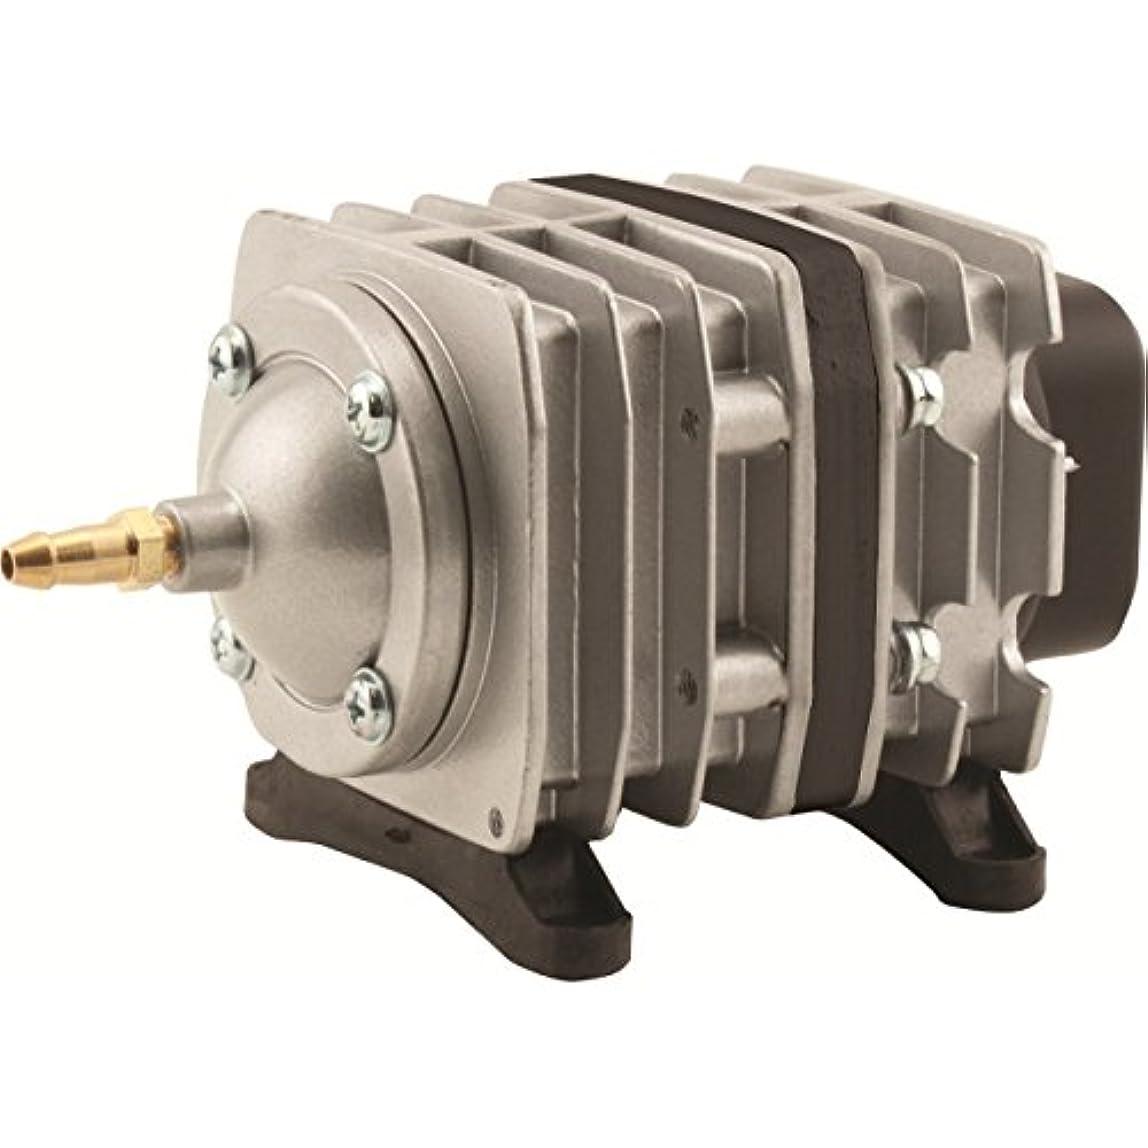 ジョブ焦がすロータリーEcoPlus Commercial 1 Hydroponic/Aquarium Air Pump by EcoPlus